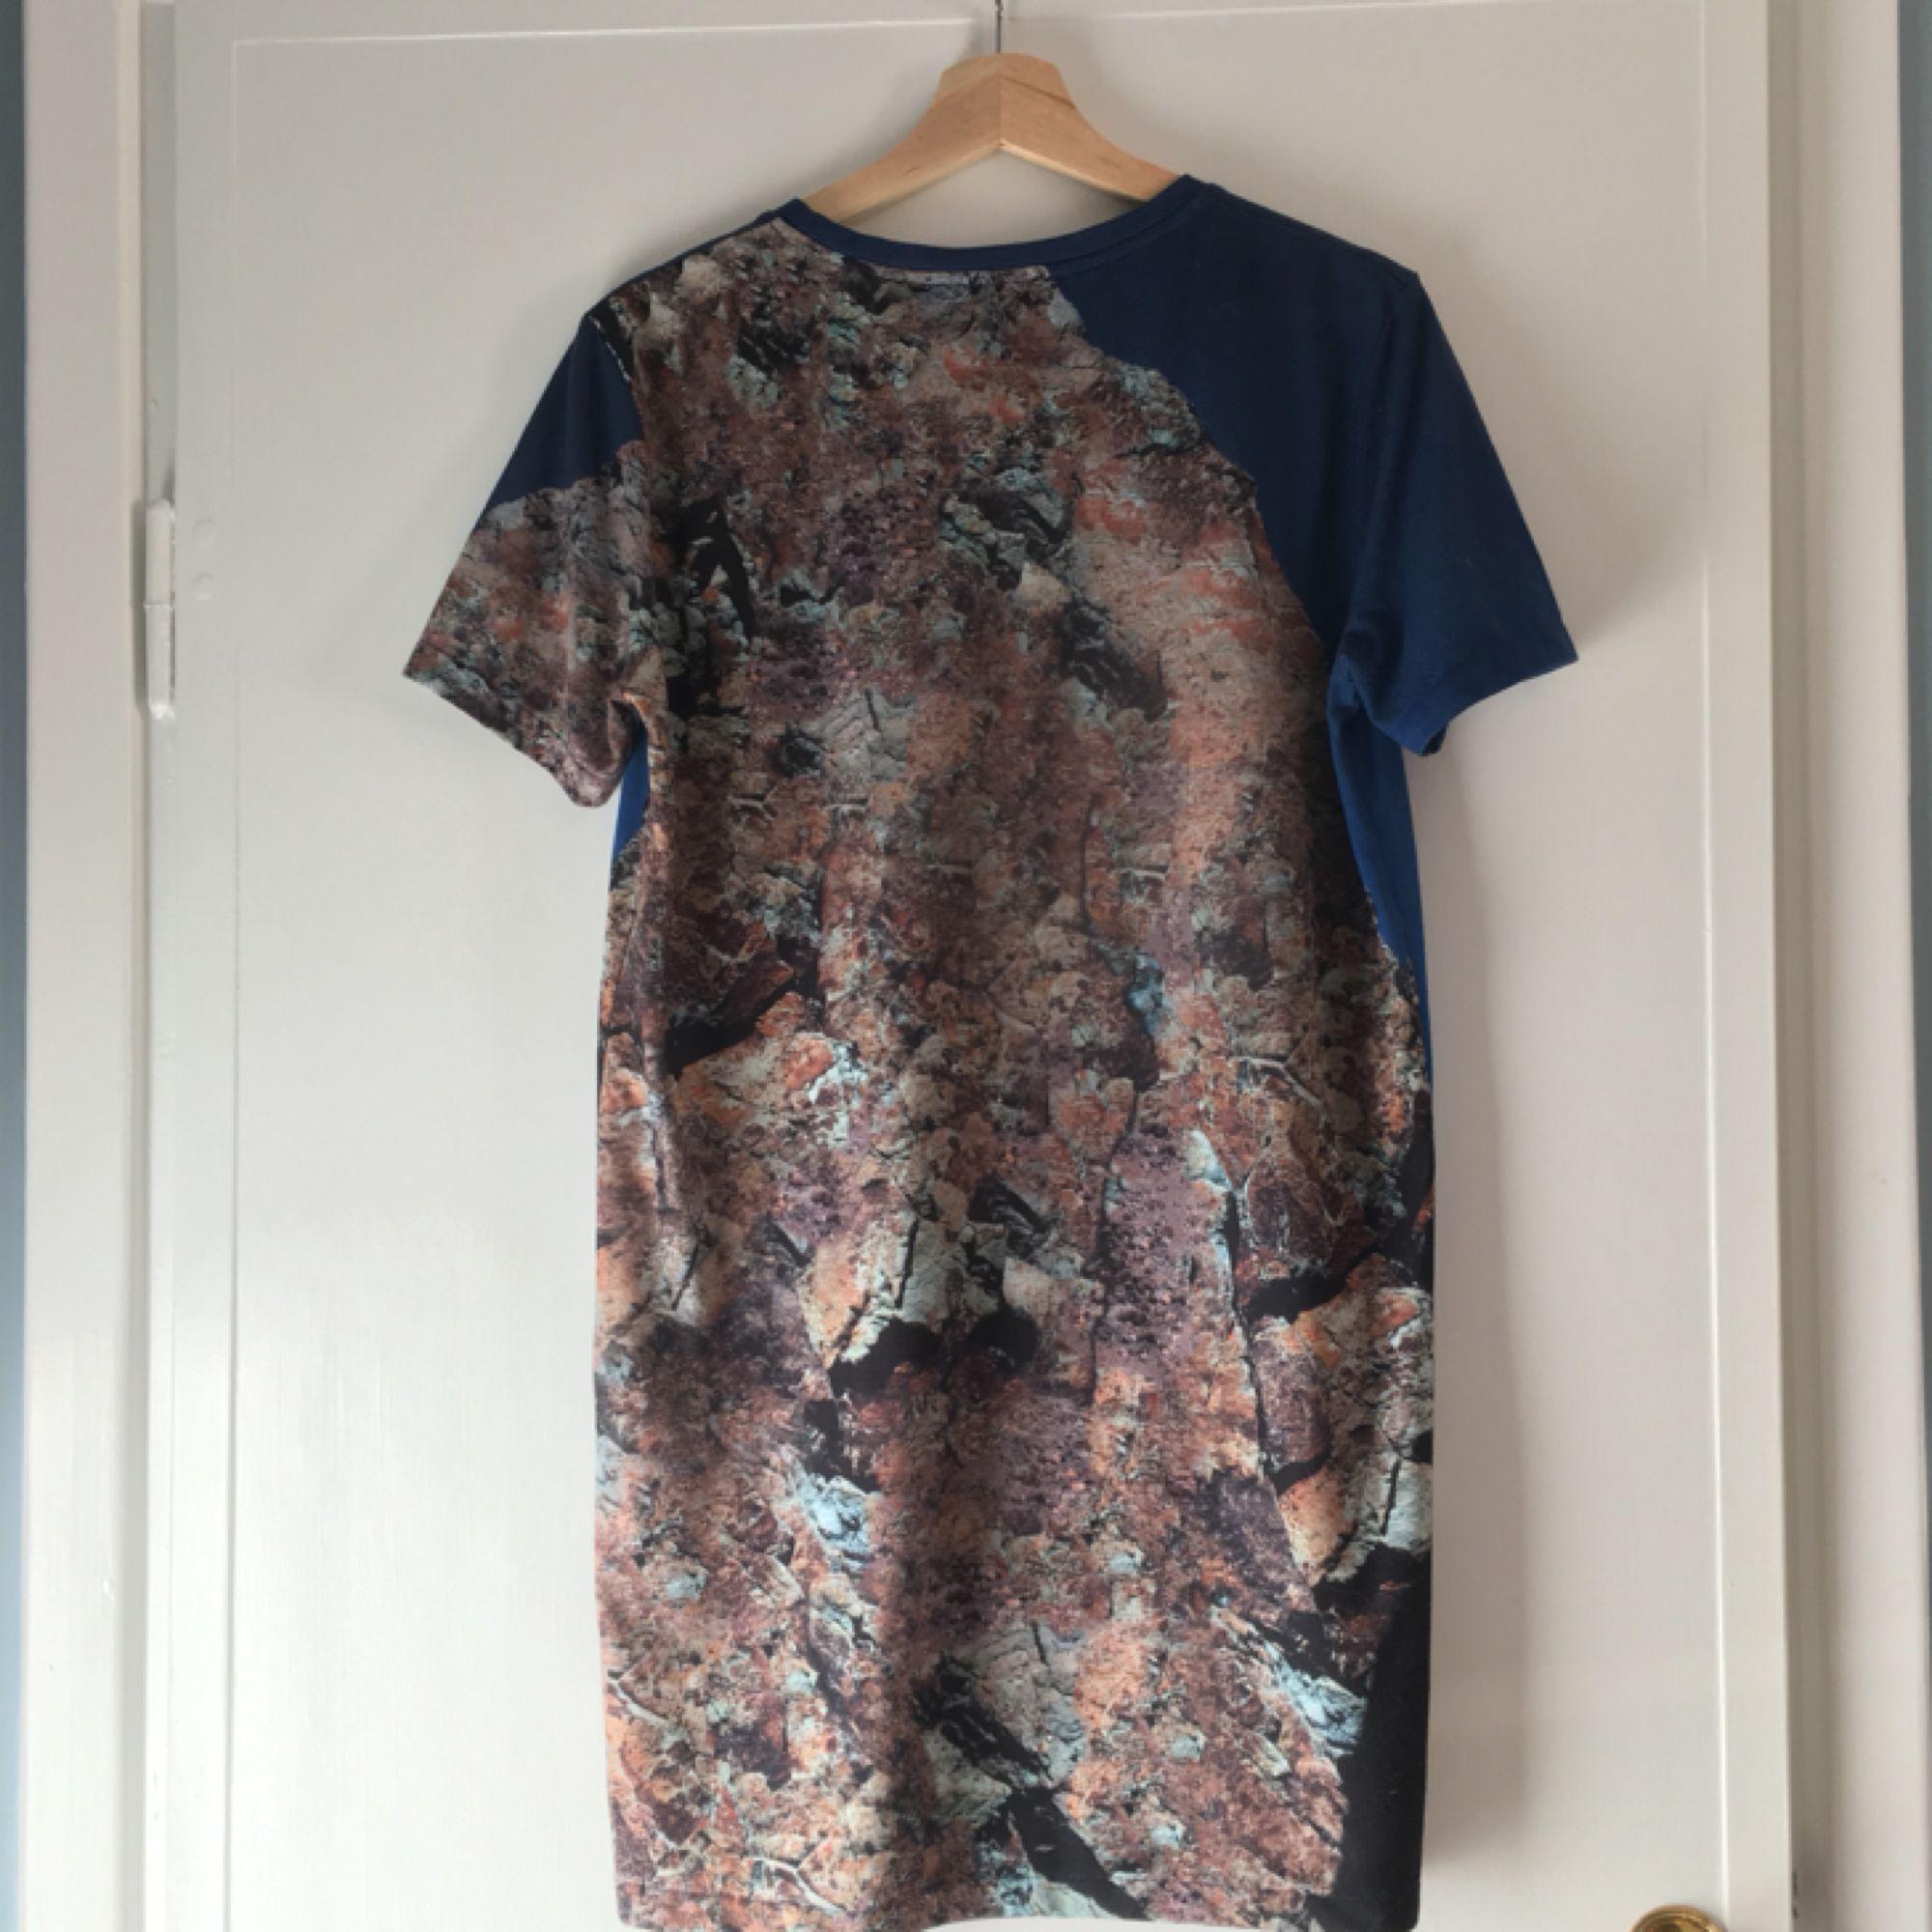 Snygg klänning/lång t-shirt med tryck från Acne. Sparsamt använd, fint skick. Pris förhandlingsbart vid snabb affär. Köpare står för ev frakt. . T-shirts.